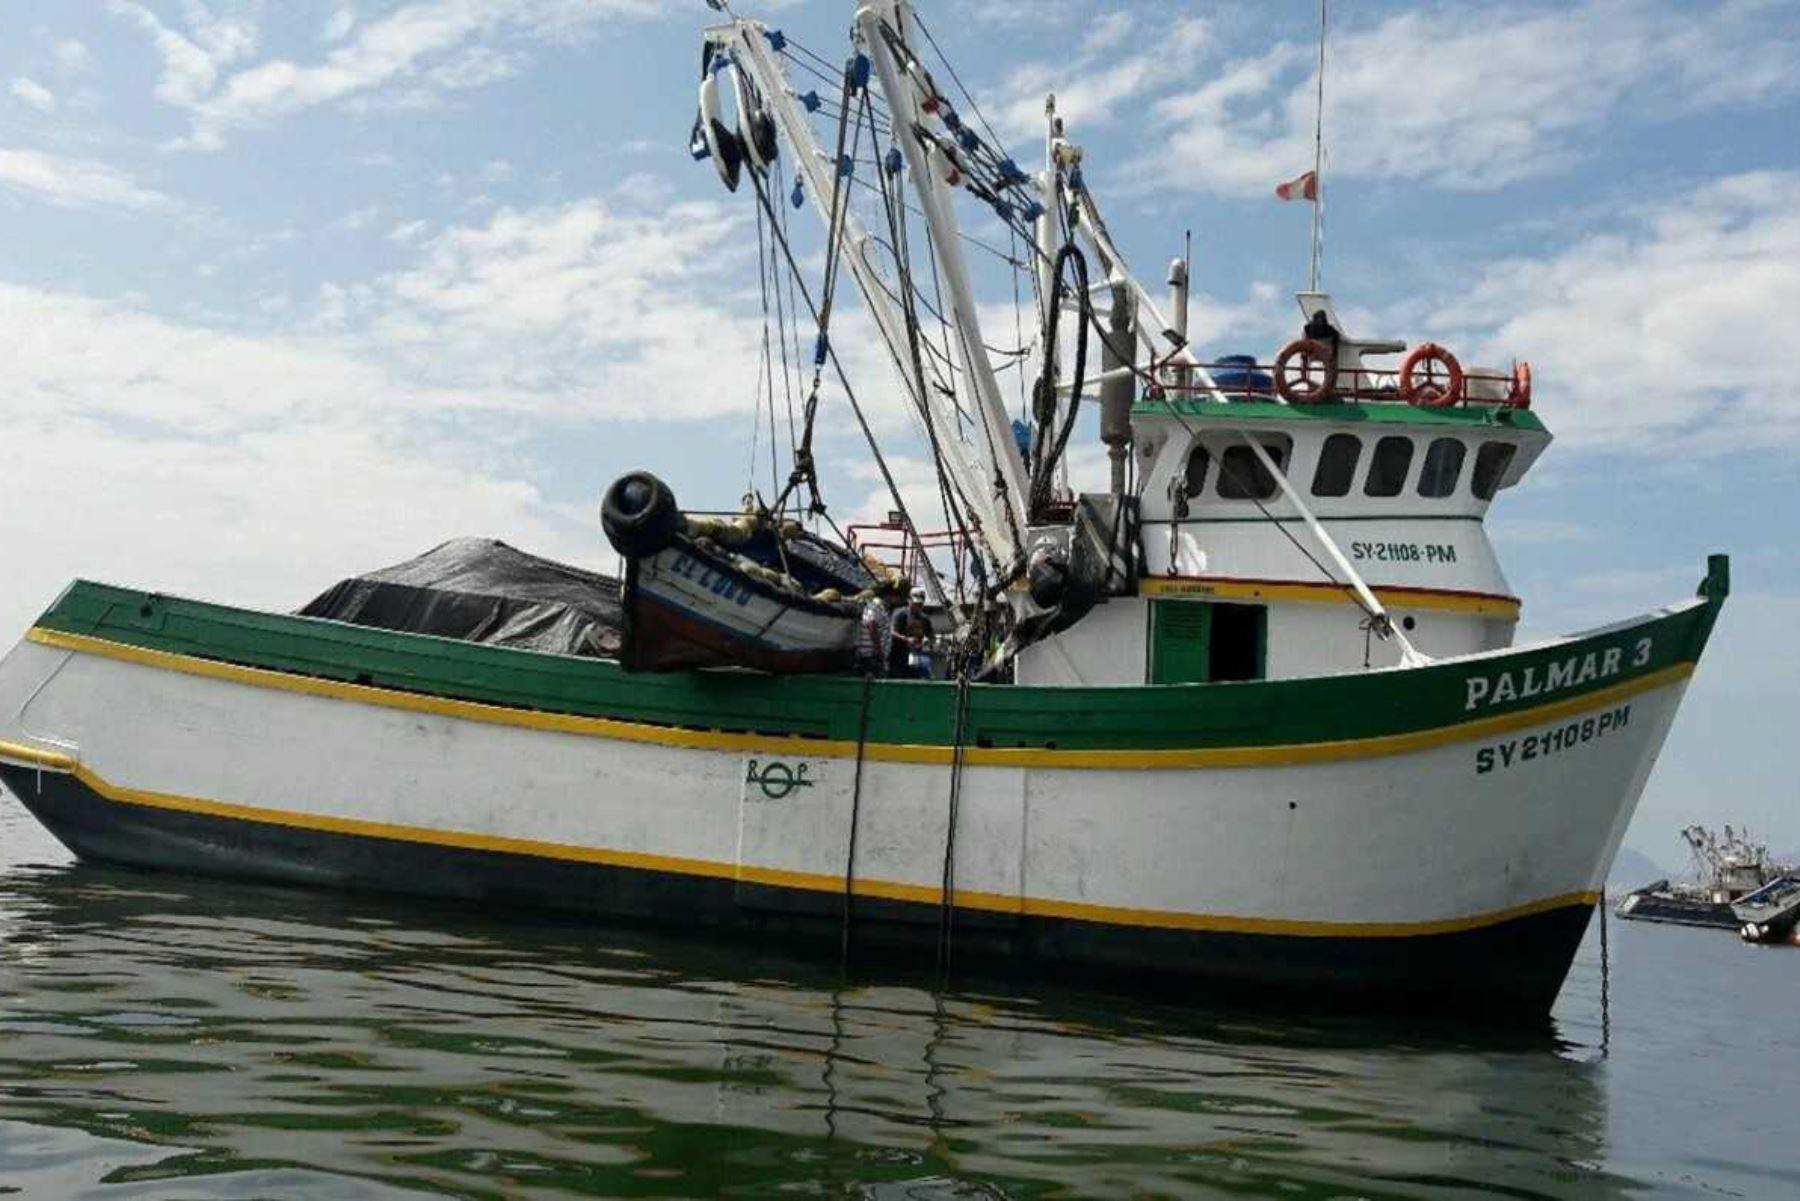 El Organismo Nacional de Sanidad Pesquera (Sanipes), en el marco del Plan de Vigilancia y Control de las actividades pesqueras, ha iniciado un cronograma de capacitaciones y acompañamiento a los armadores de embarcaciones pesqueras de madera de mayor escala comprendidos en la Ley 26920, a fin de orientarlos en la adecuación de sus embarcaciones industriales a la norma sanitaria vigente.